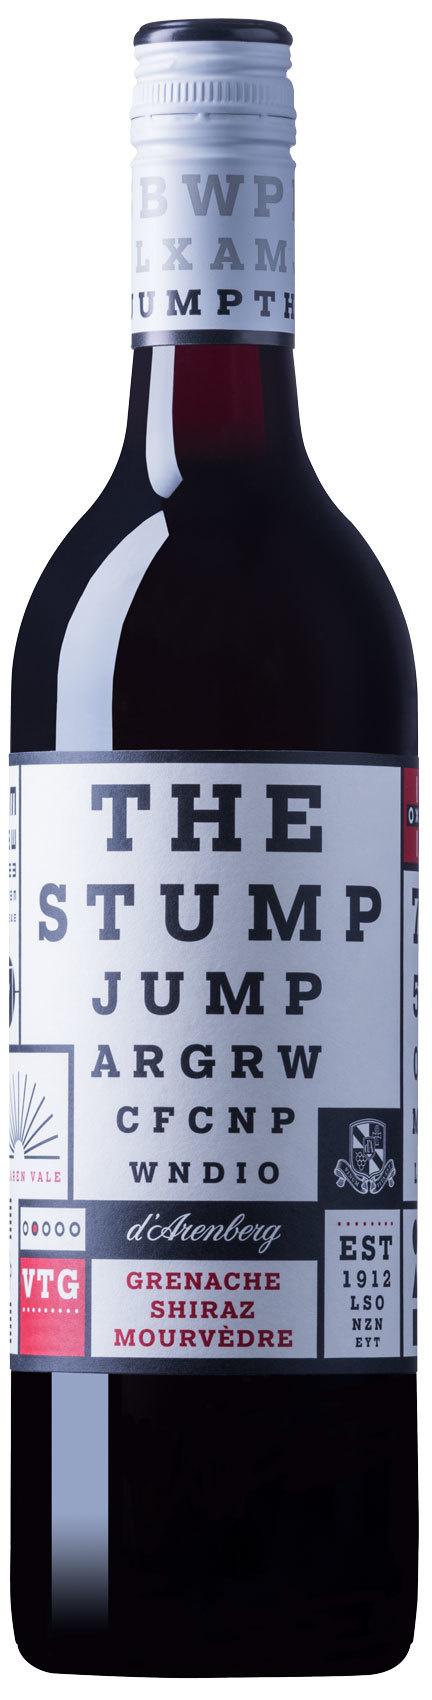 d'Arenberg, Australien 2017 The Stump Jump GSM d'Arenberg